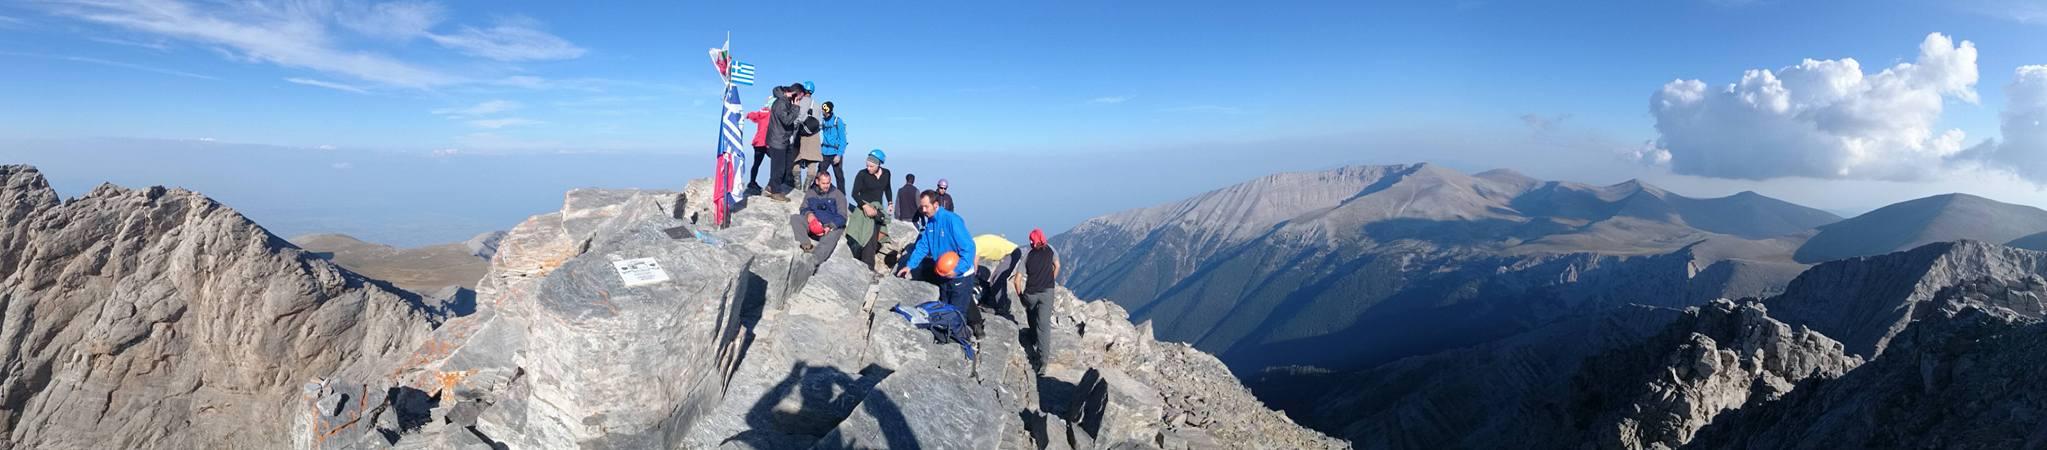 Ανέβηκαν στον Όλυμπο τα μέλη του Ορειβατικού Συλλόγου Αγρινίου